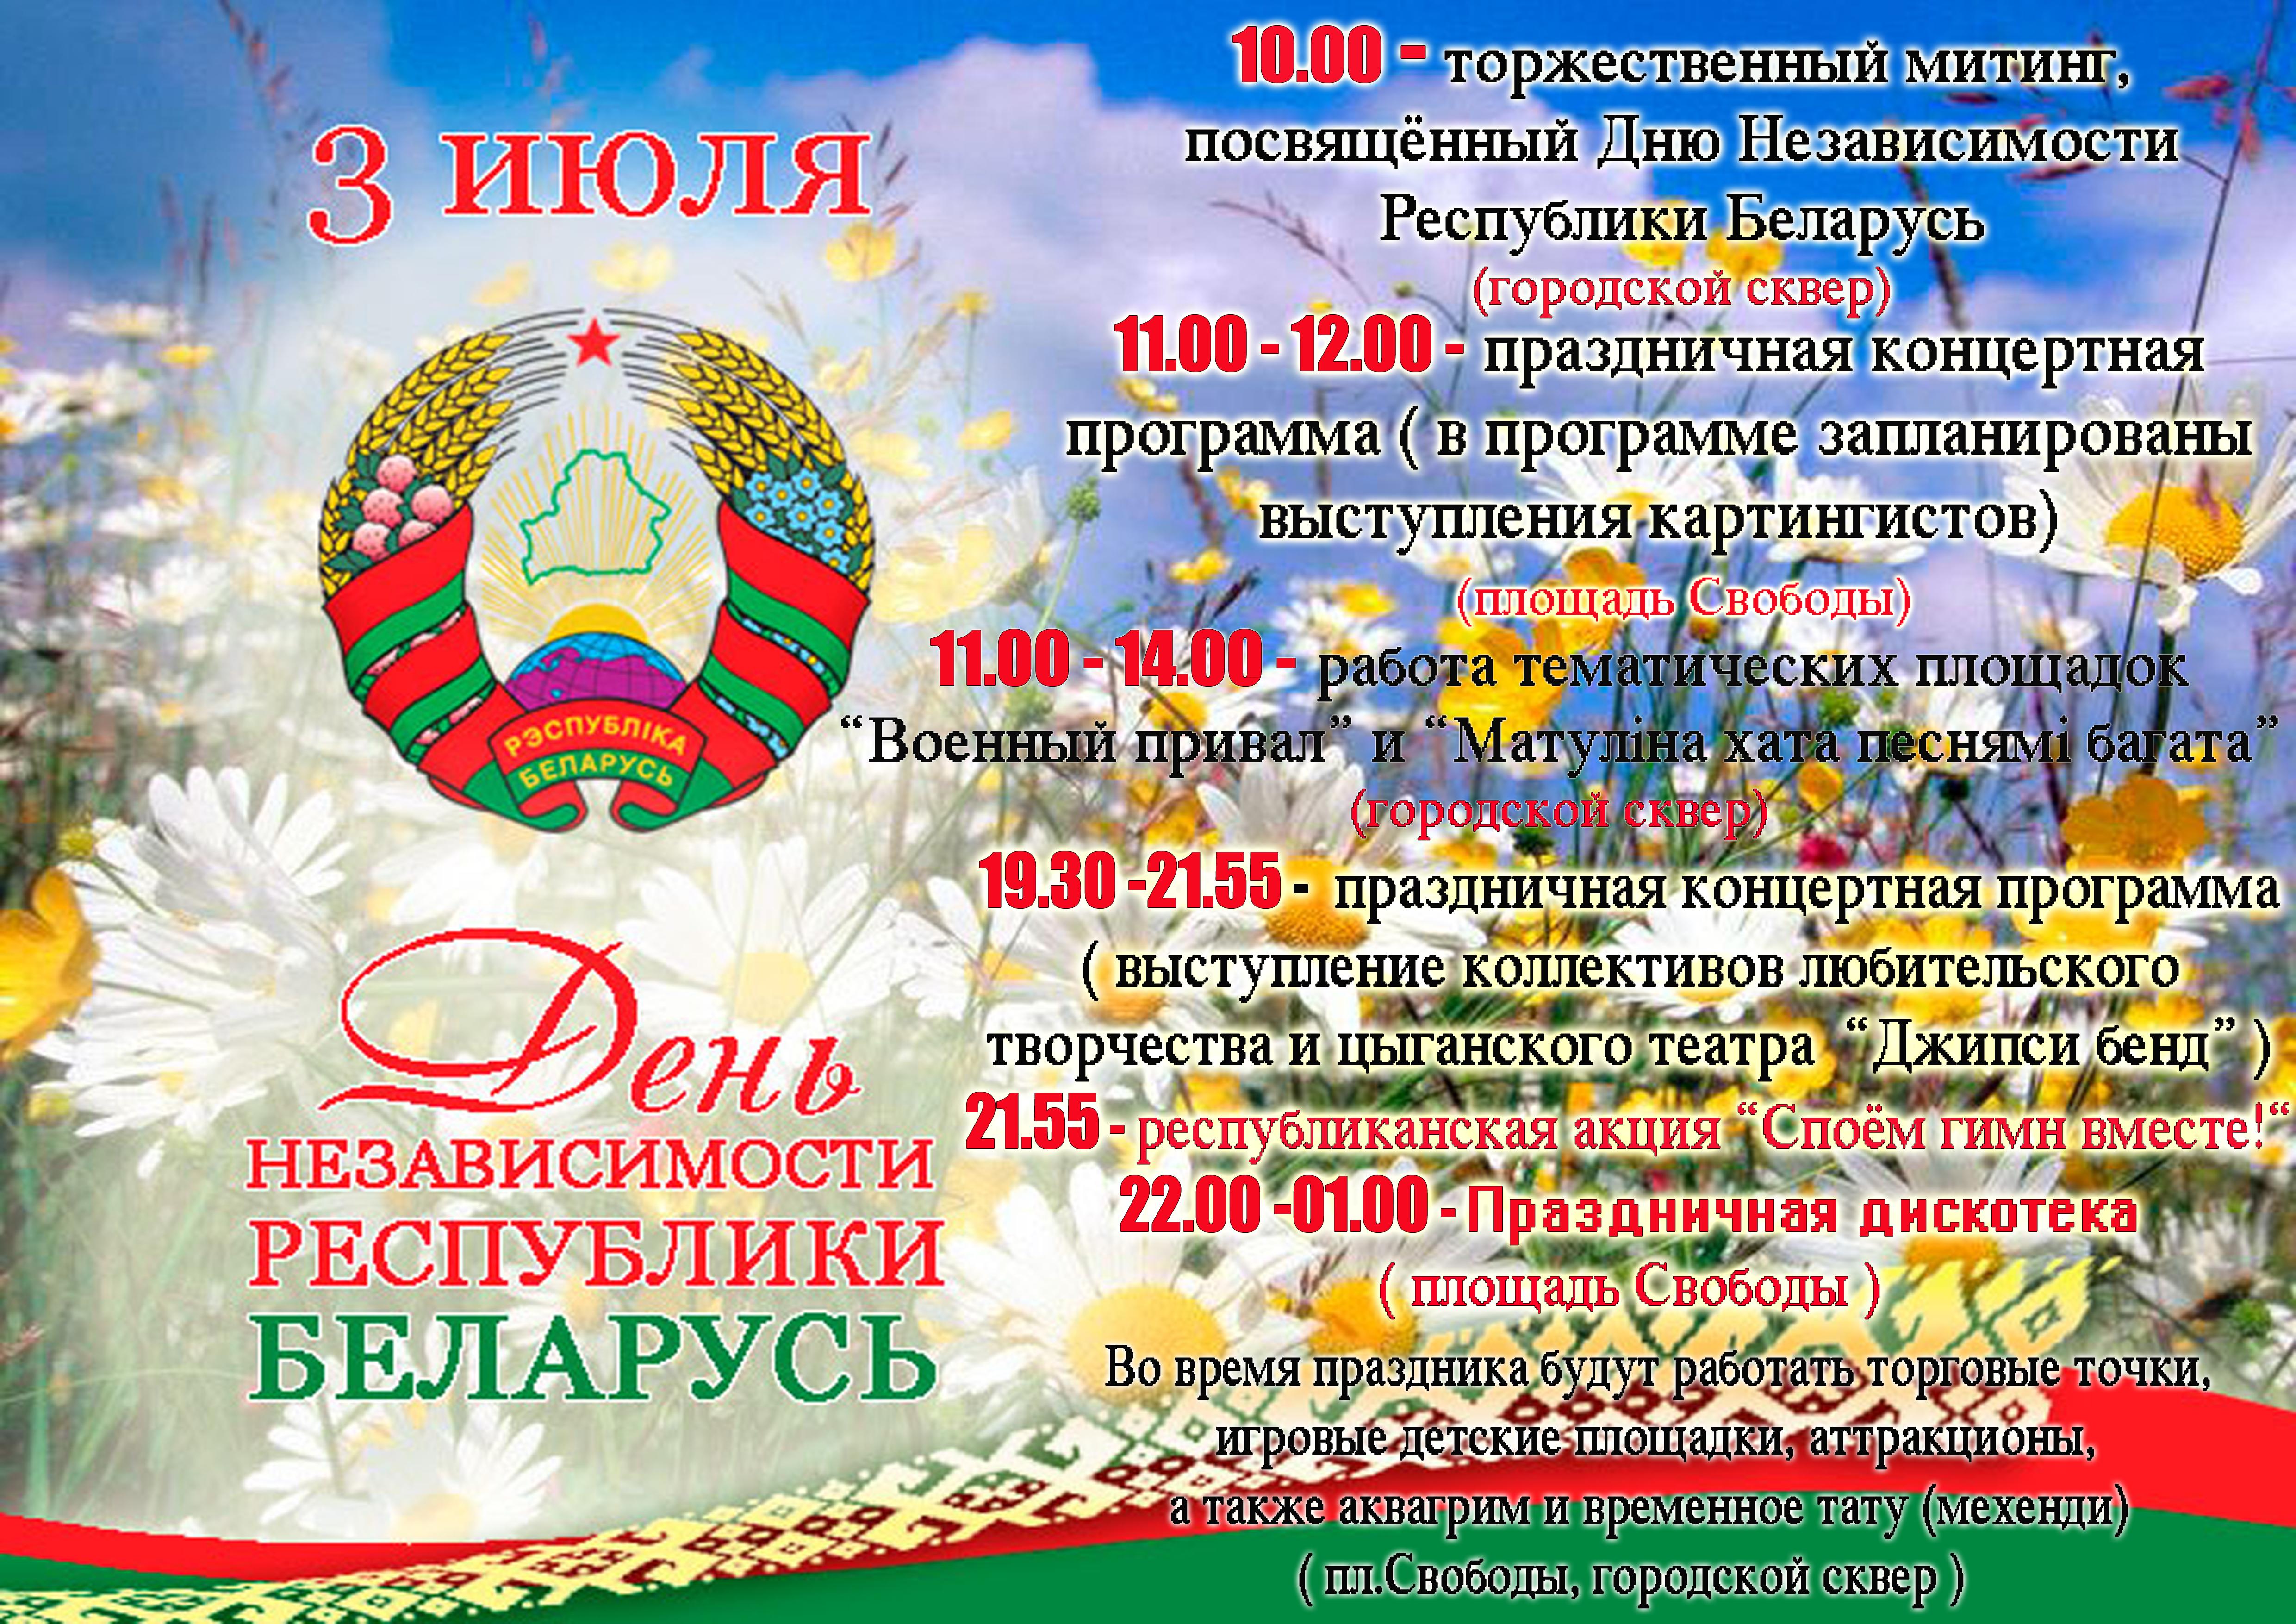 С днем независимости белоруссии открытки